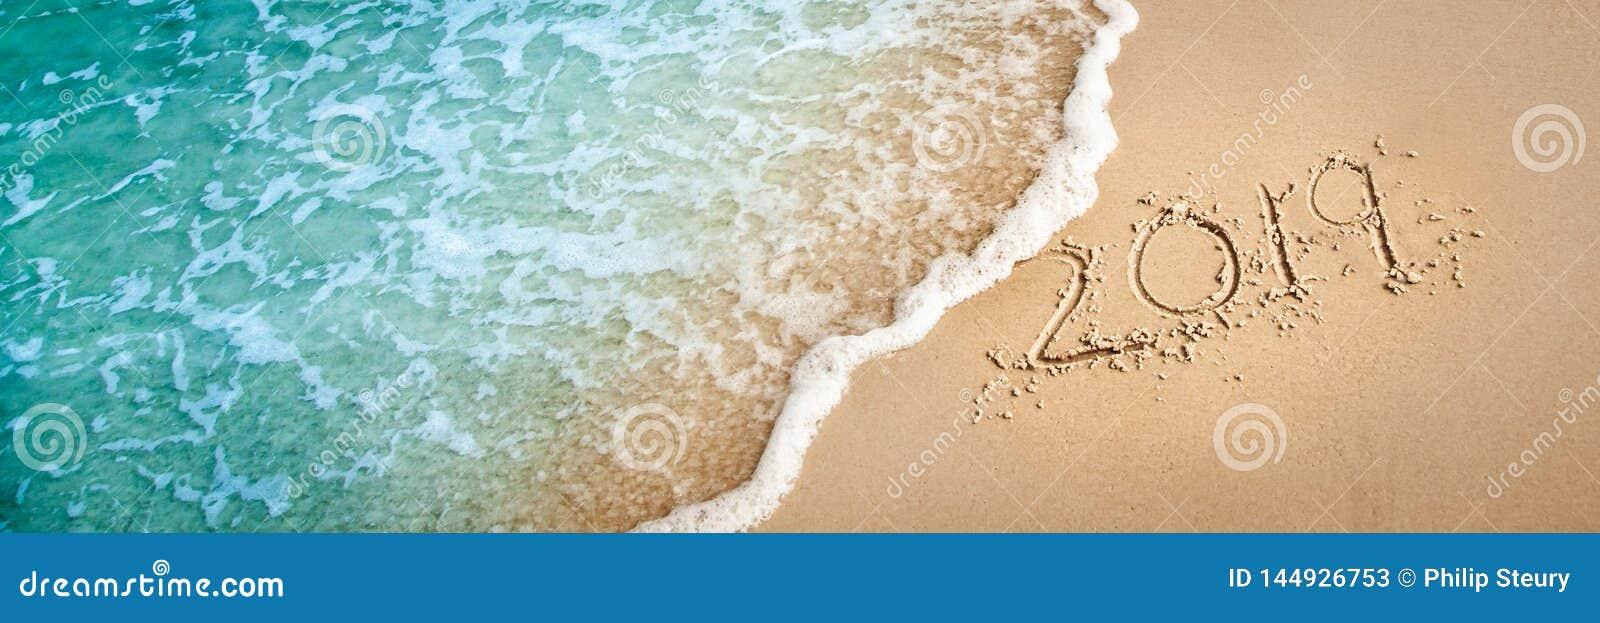 2019 On The Beach